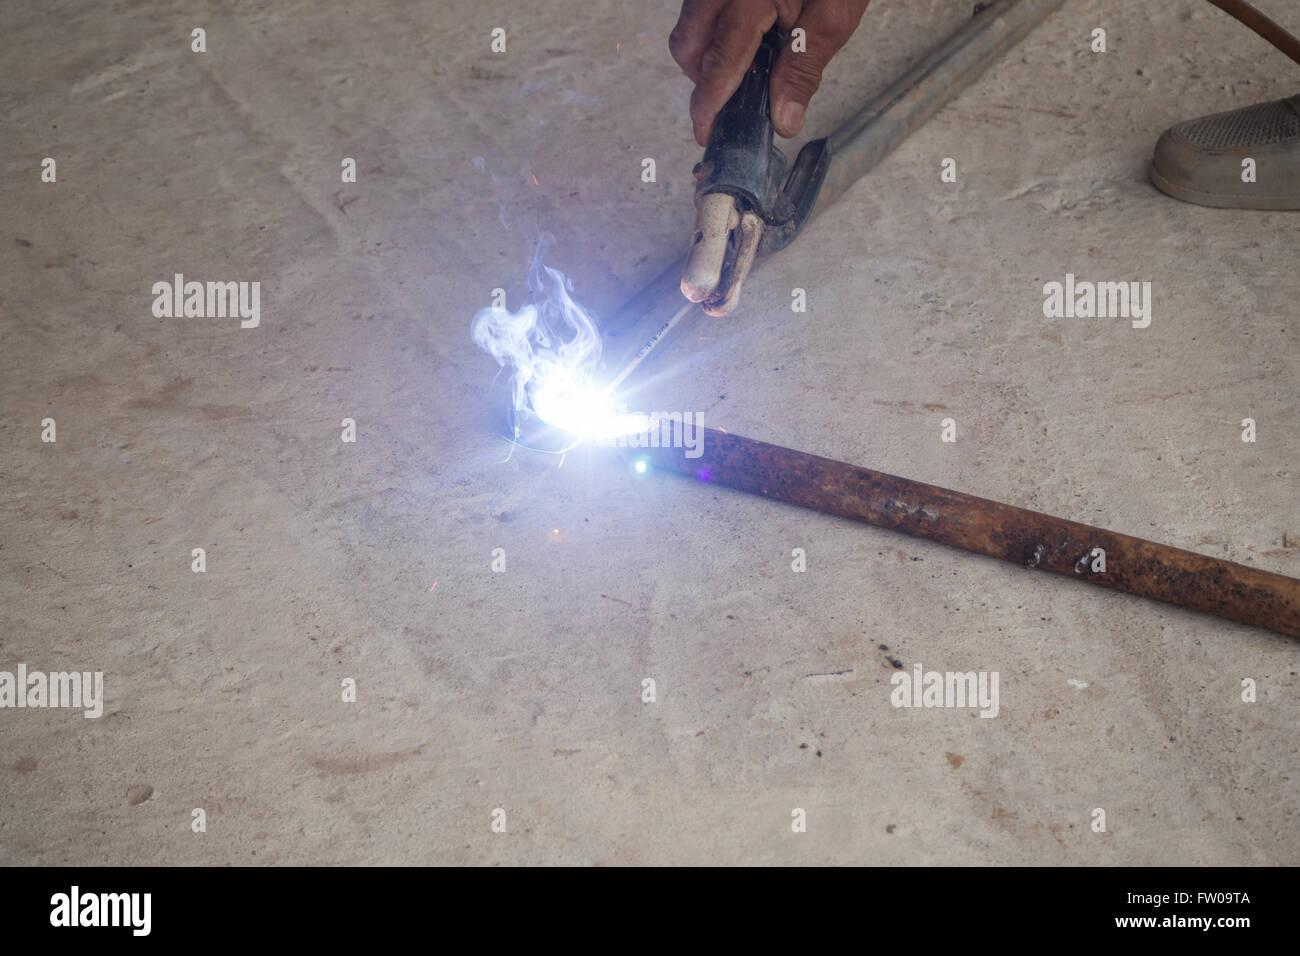 Ferro de soldar simples com luz azul e fumaça Imagens de Stock